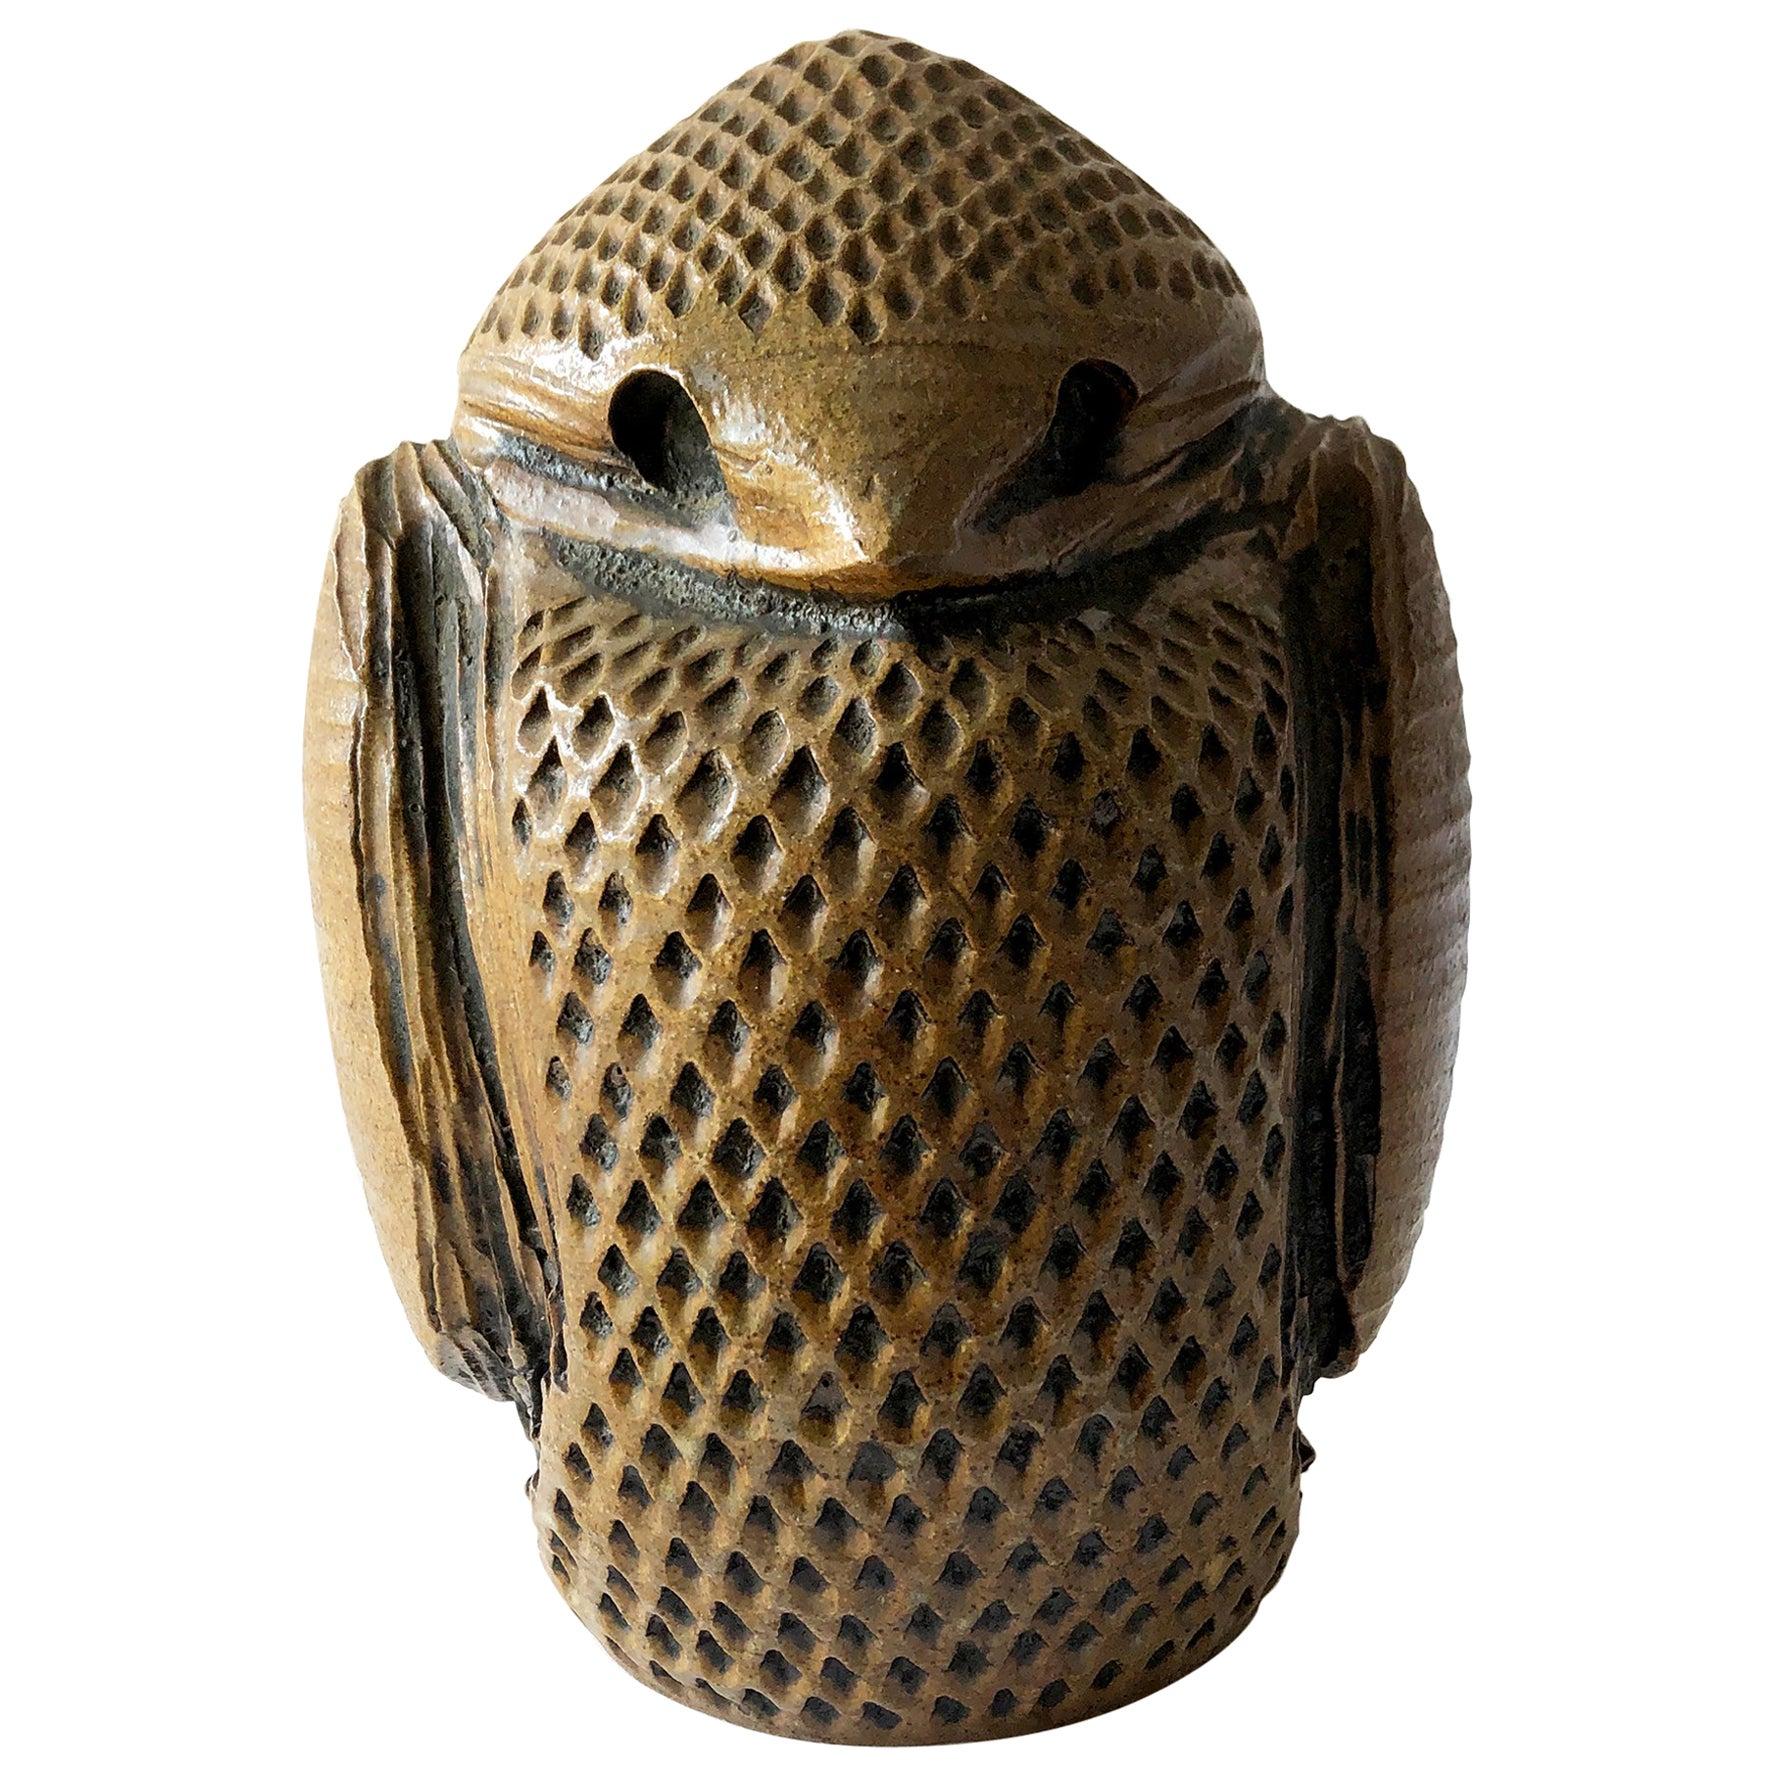 1970s Studio Pottery Stout Stoneware Owl Sculpture by Louis Mclean